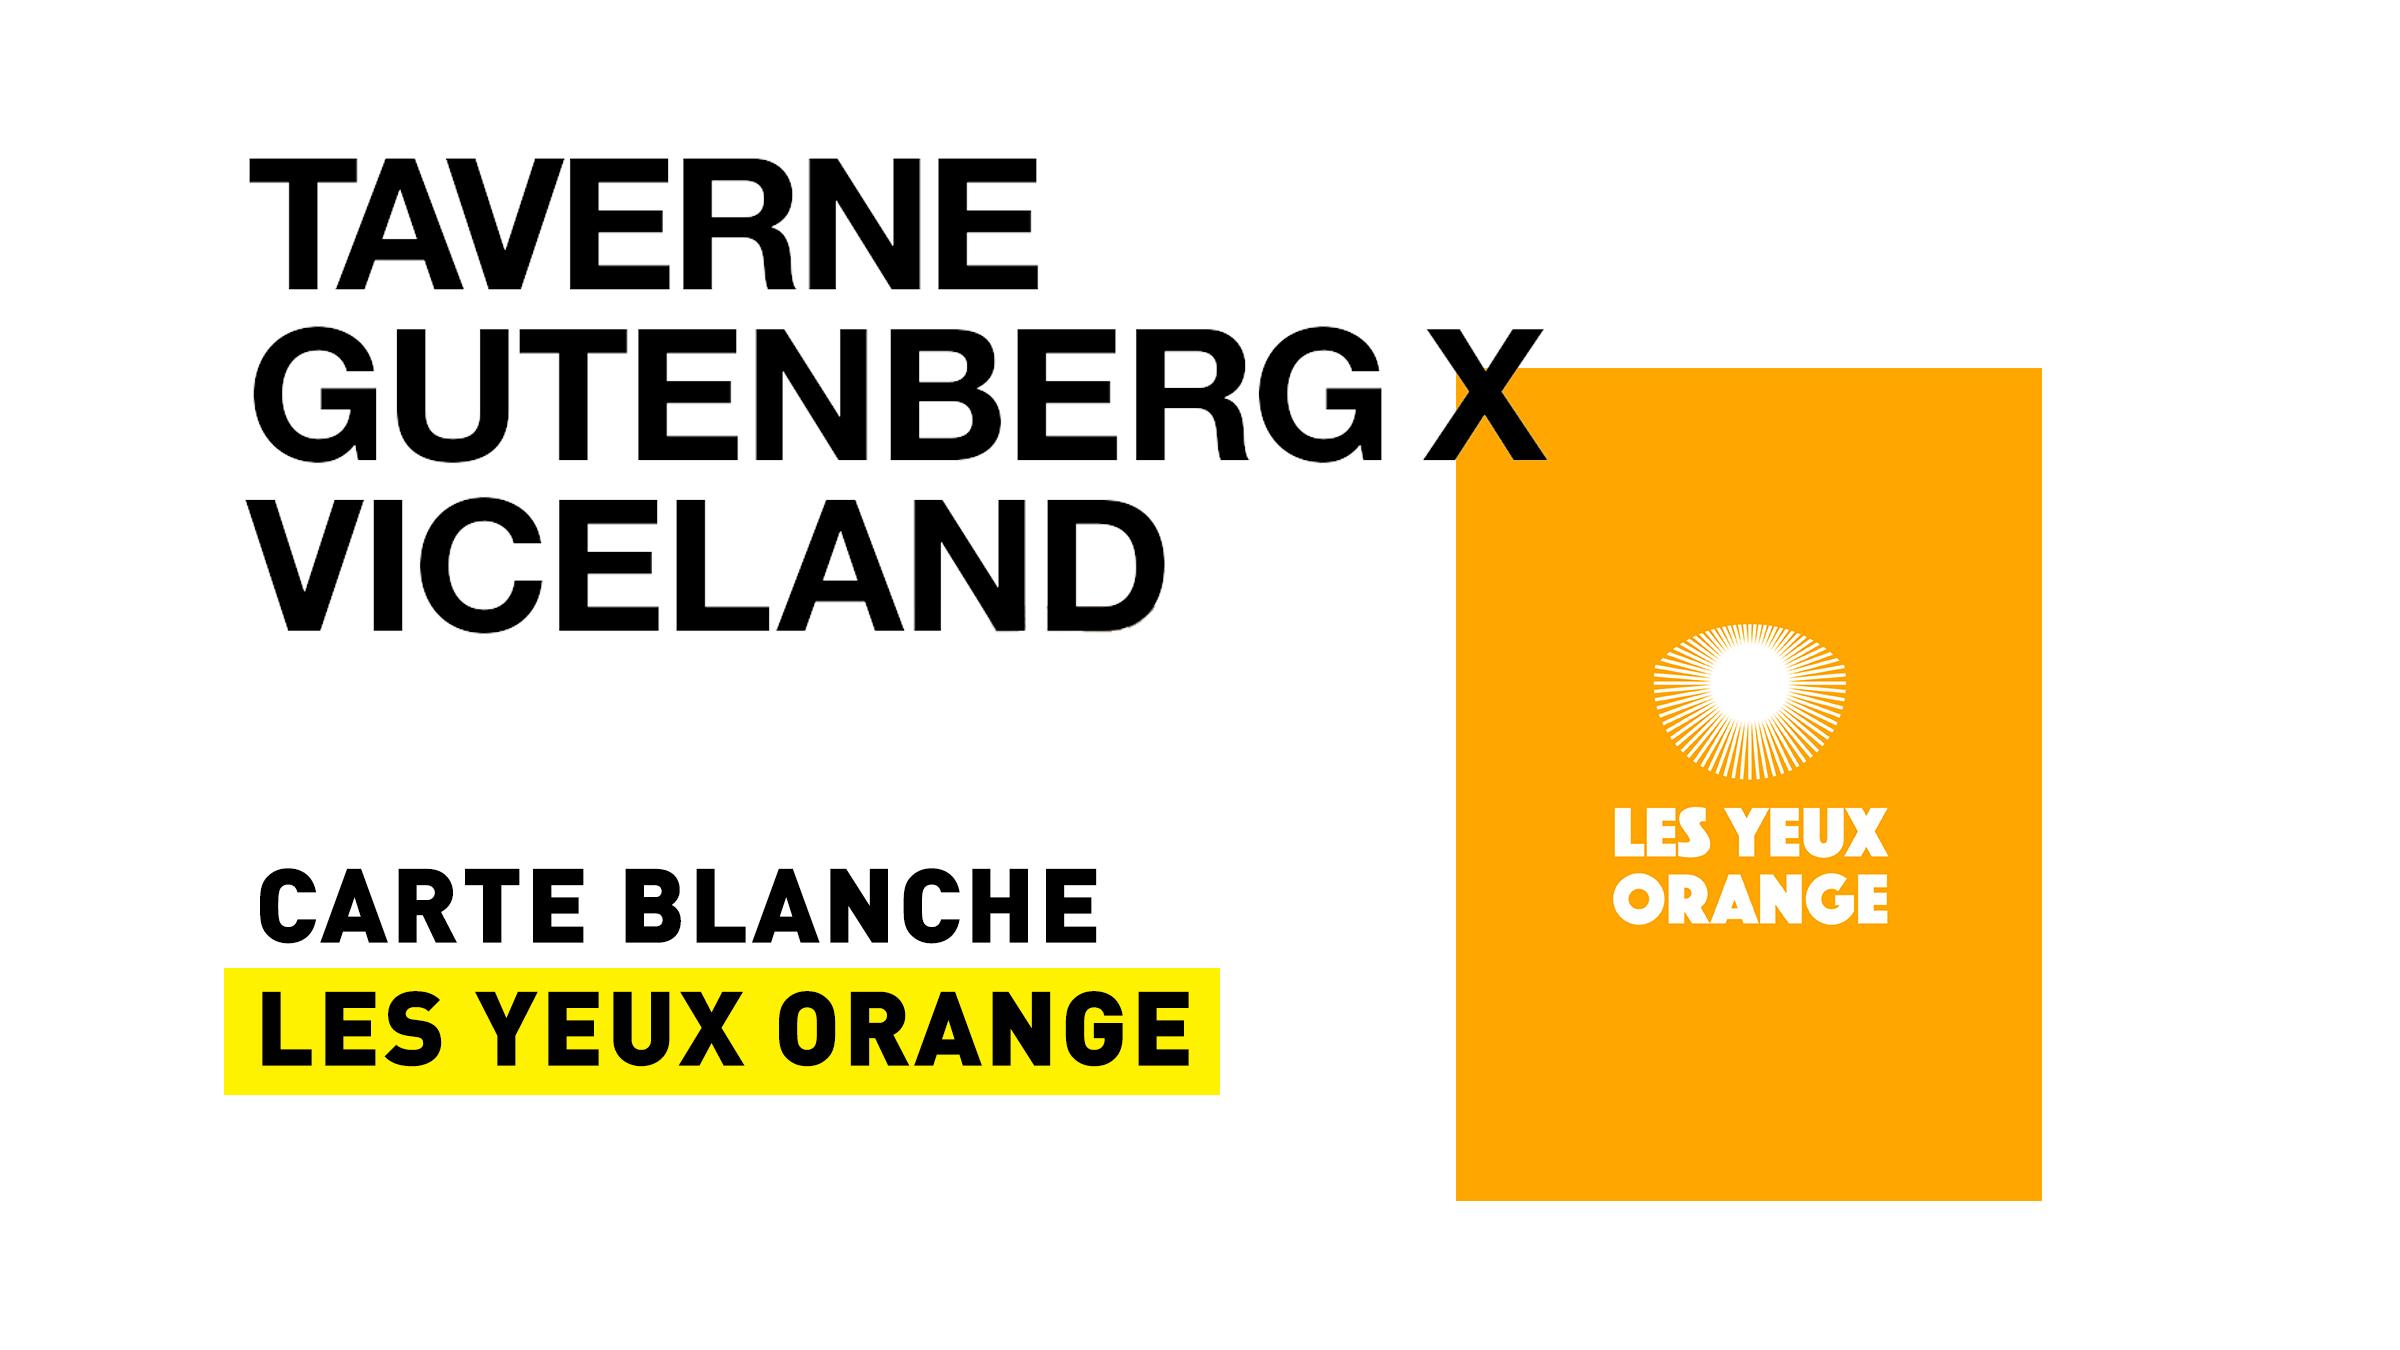 Carte blanche les yeux orange, Viceland, 13/05